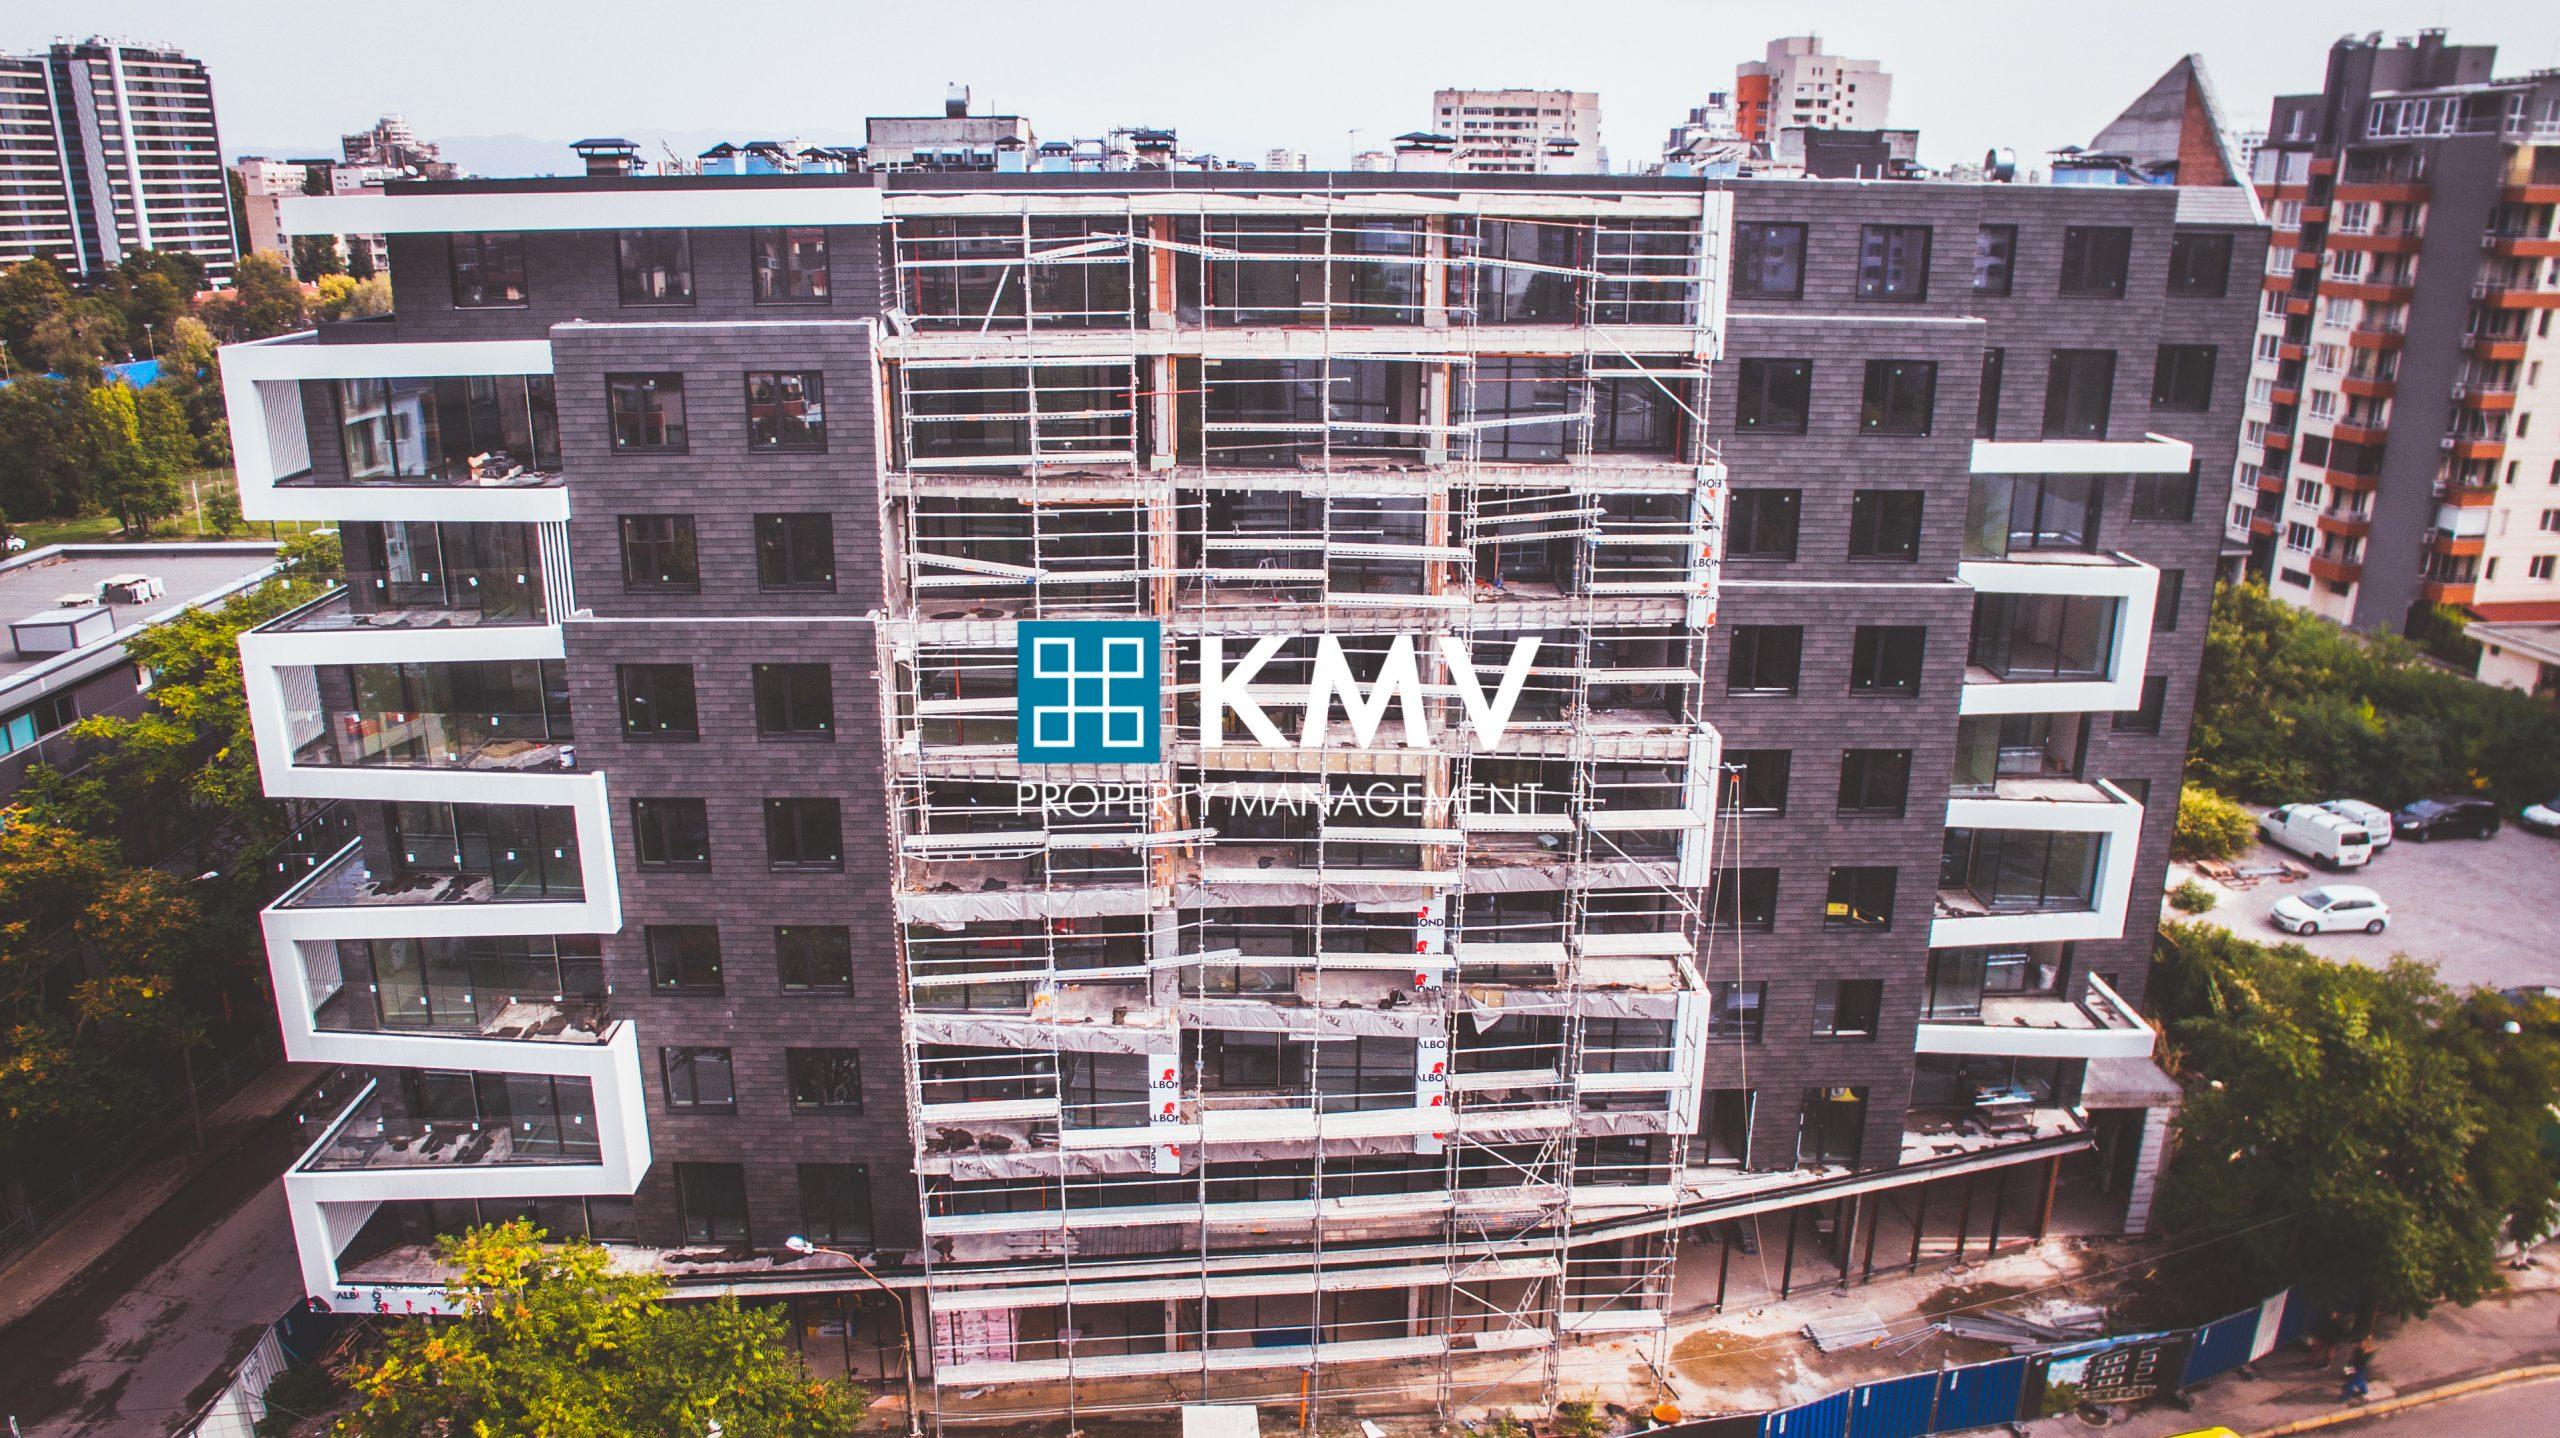 Тристаен апартамент в жилищна сграда ВМВ Резидънс